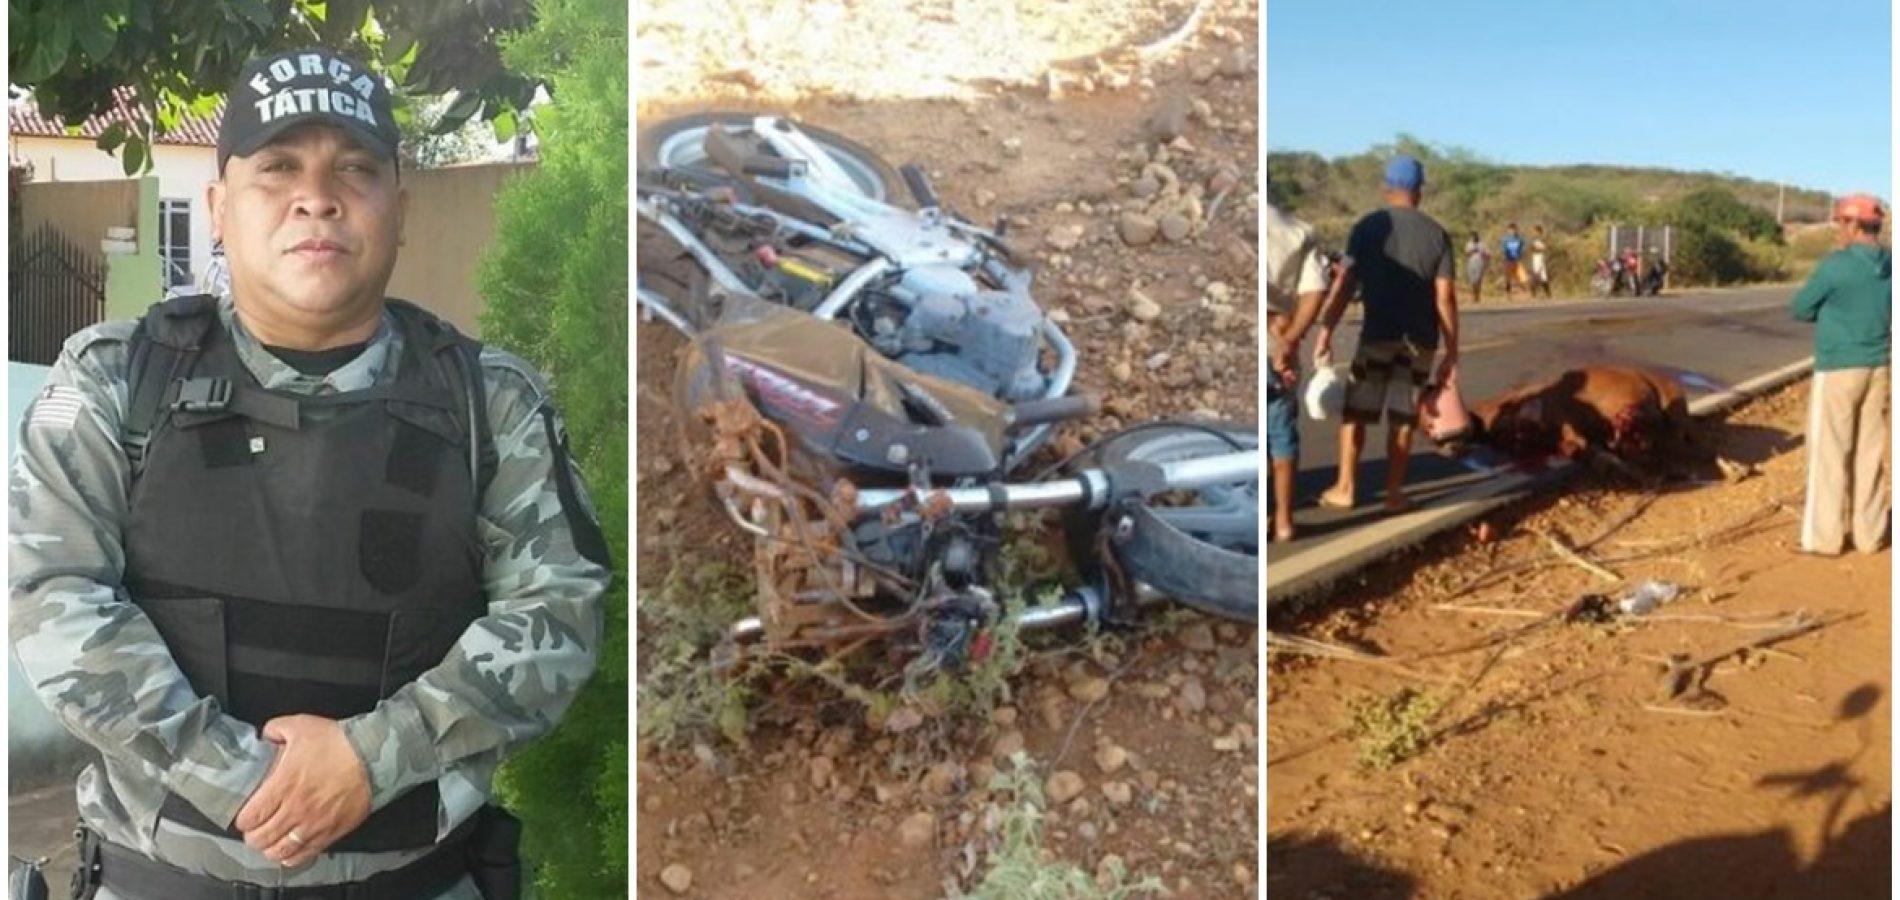 Policial Militar morre em grave acidente de moto no interior do Piauí